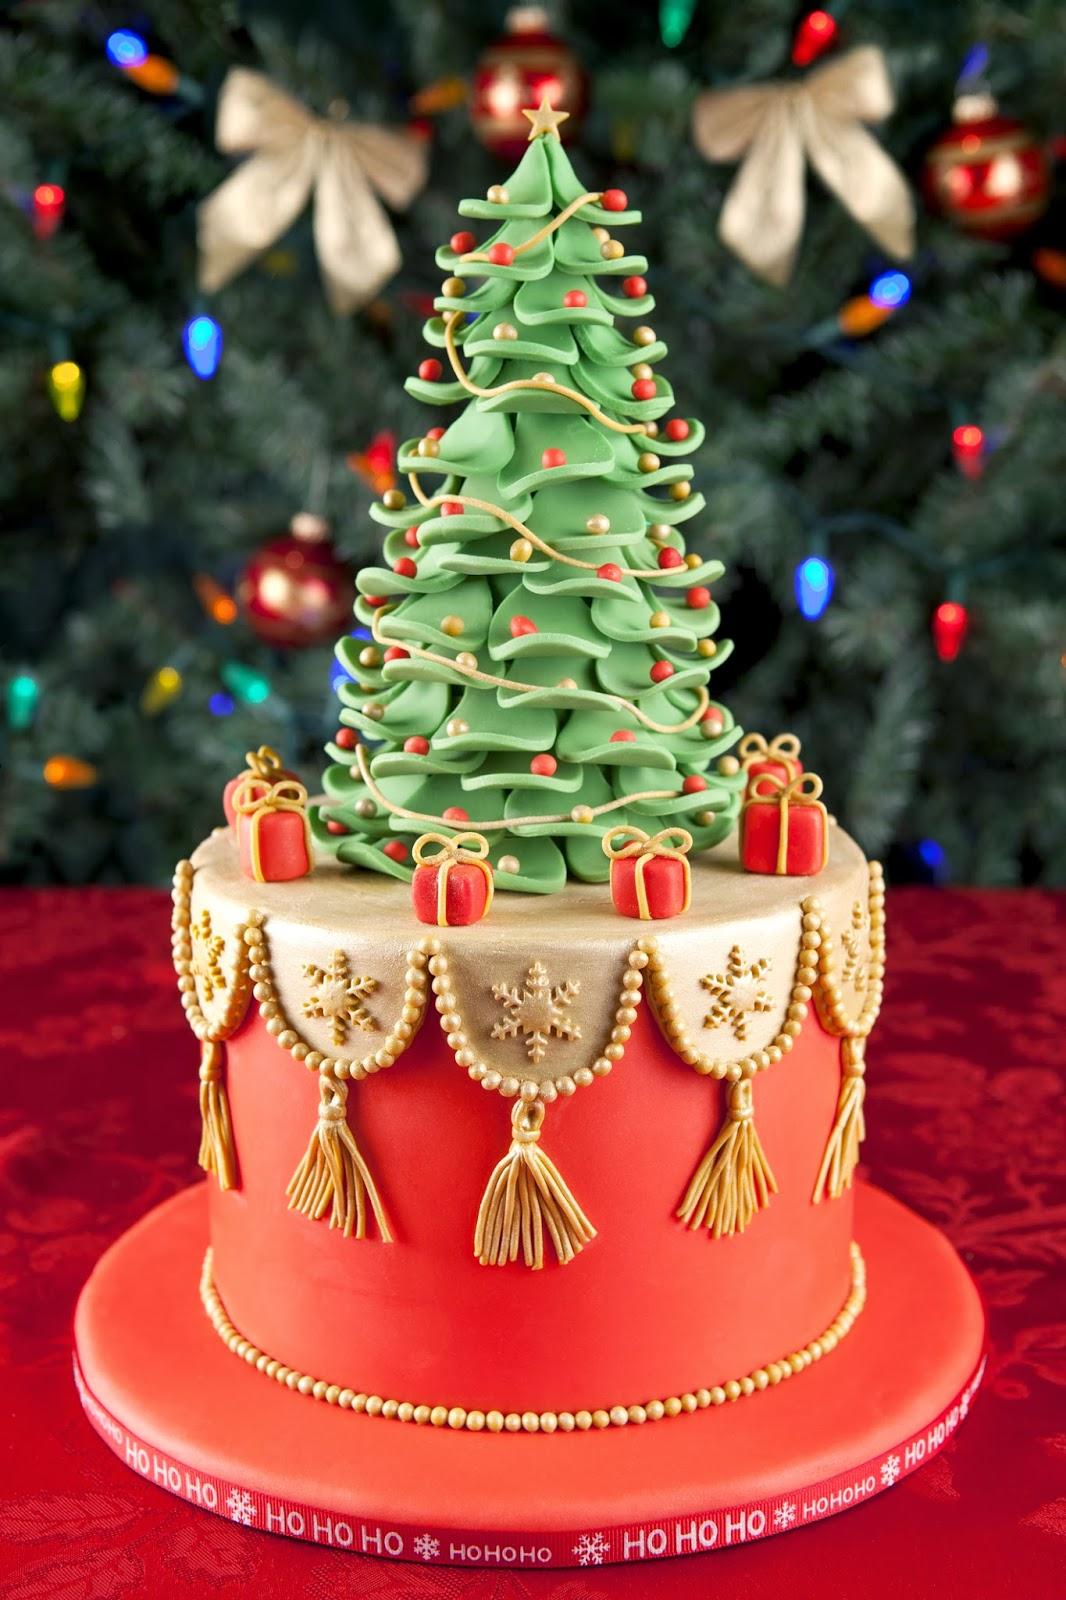 Karacsonyfa Torta Keszitese A Tortadiszites Alapjai